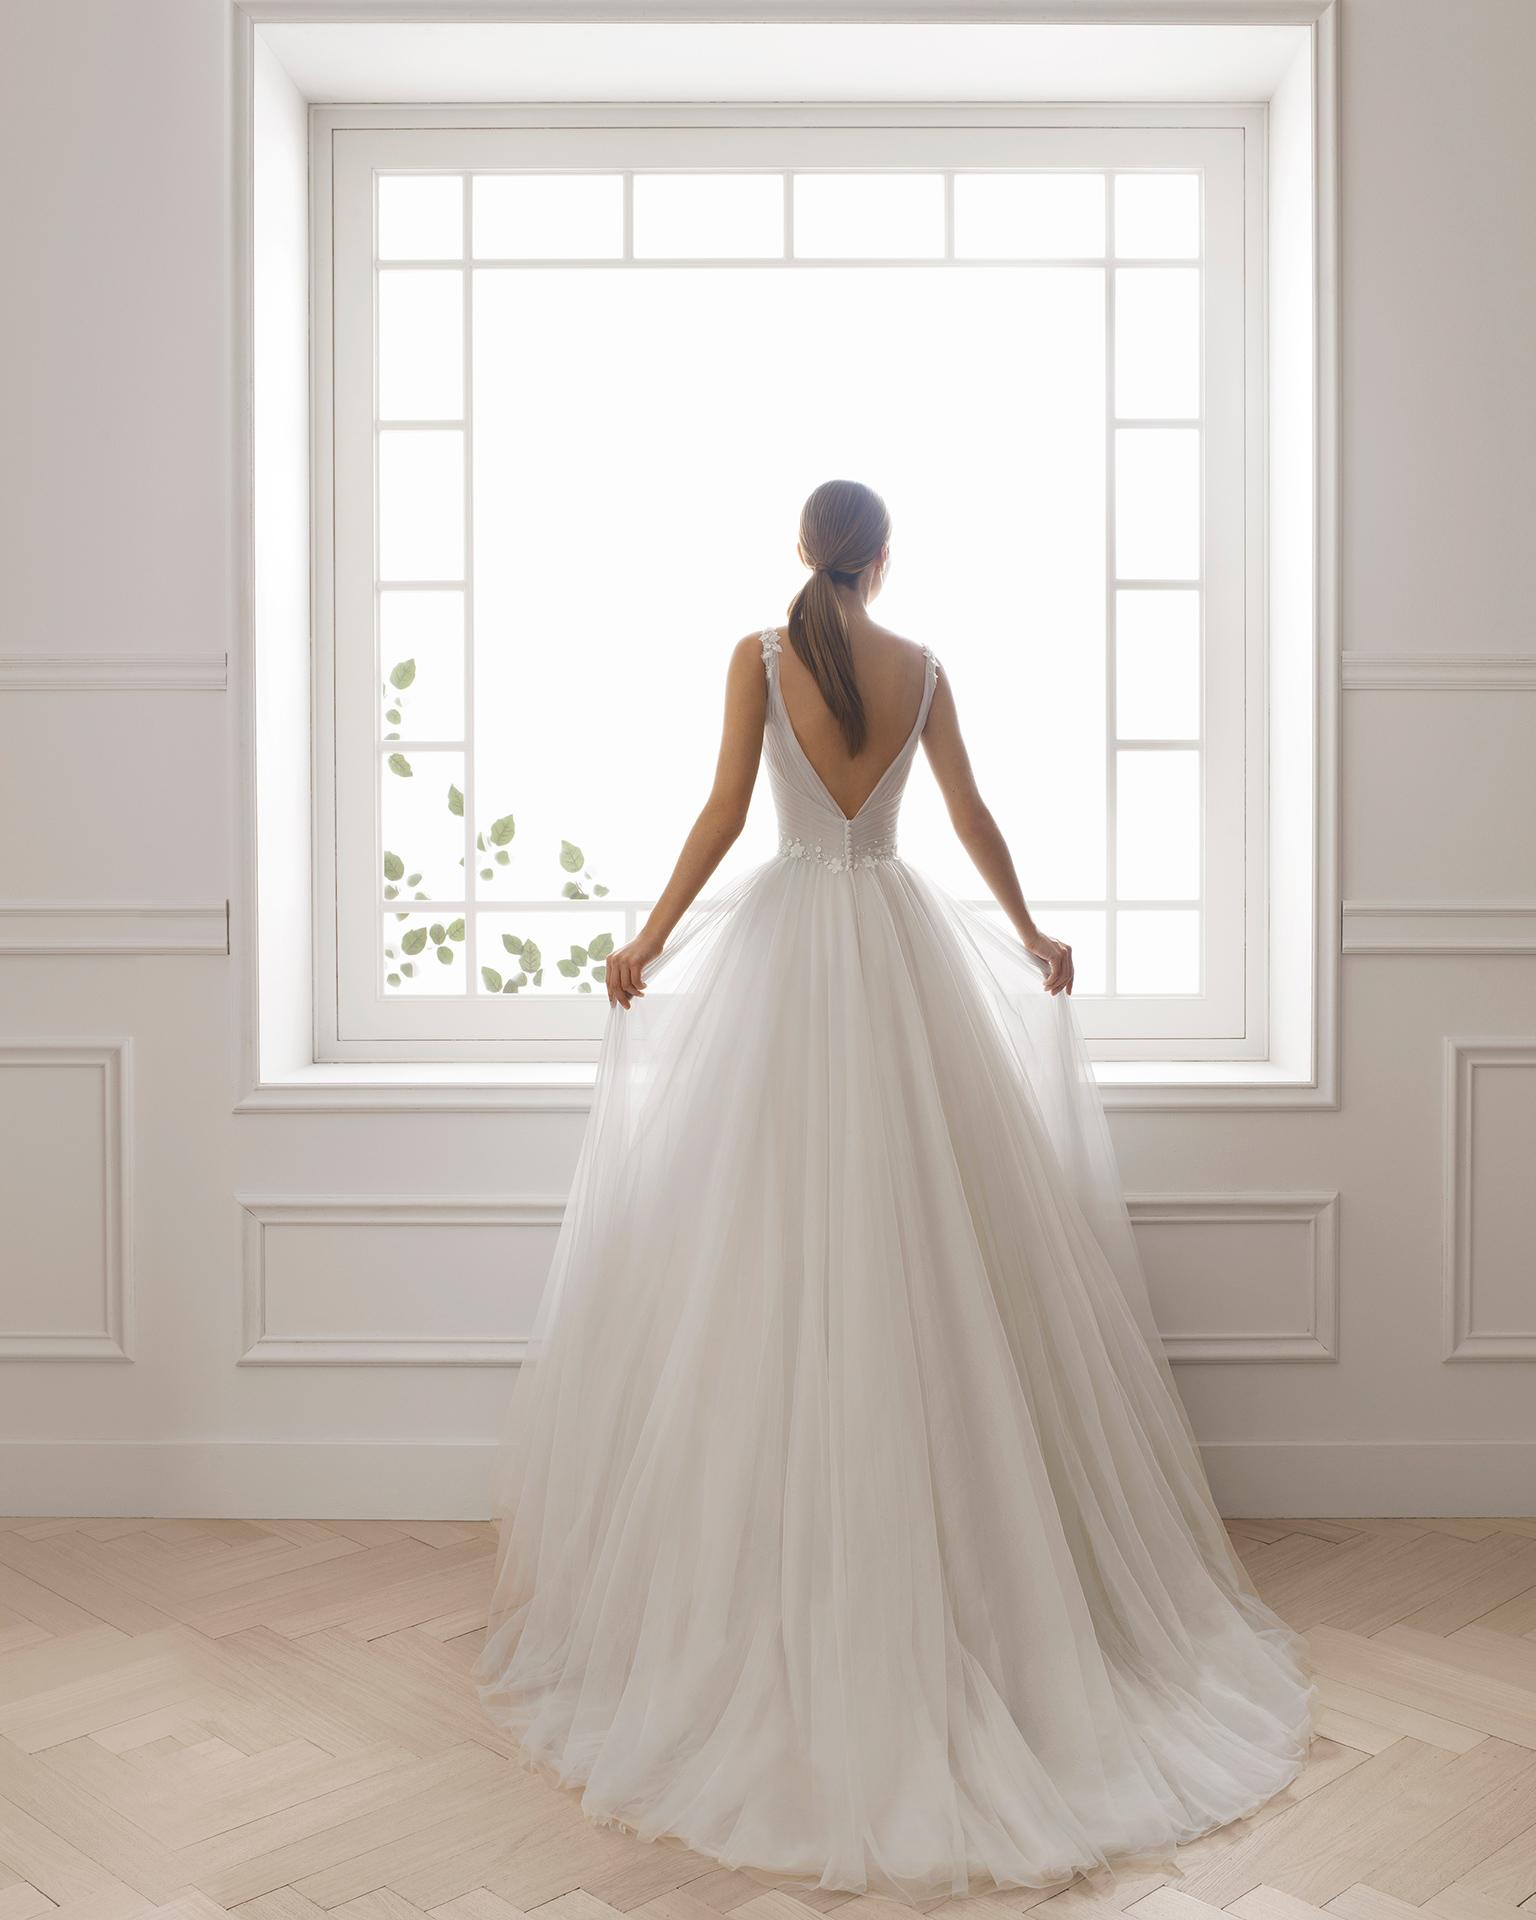 Robe de mariée style princesse en tulle et pierreries. Bustier. Disponible en couleur blanche légèrement grisâtre, ambre et naturelle. Collection AIRE BARCELONA 2019.